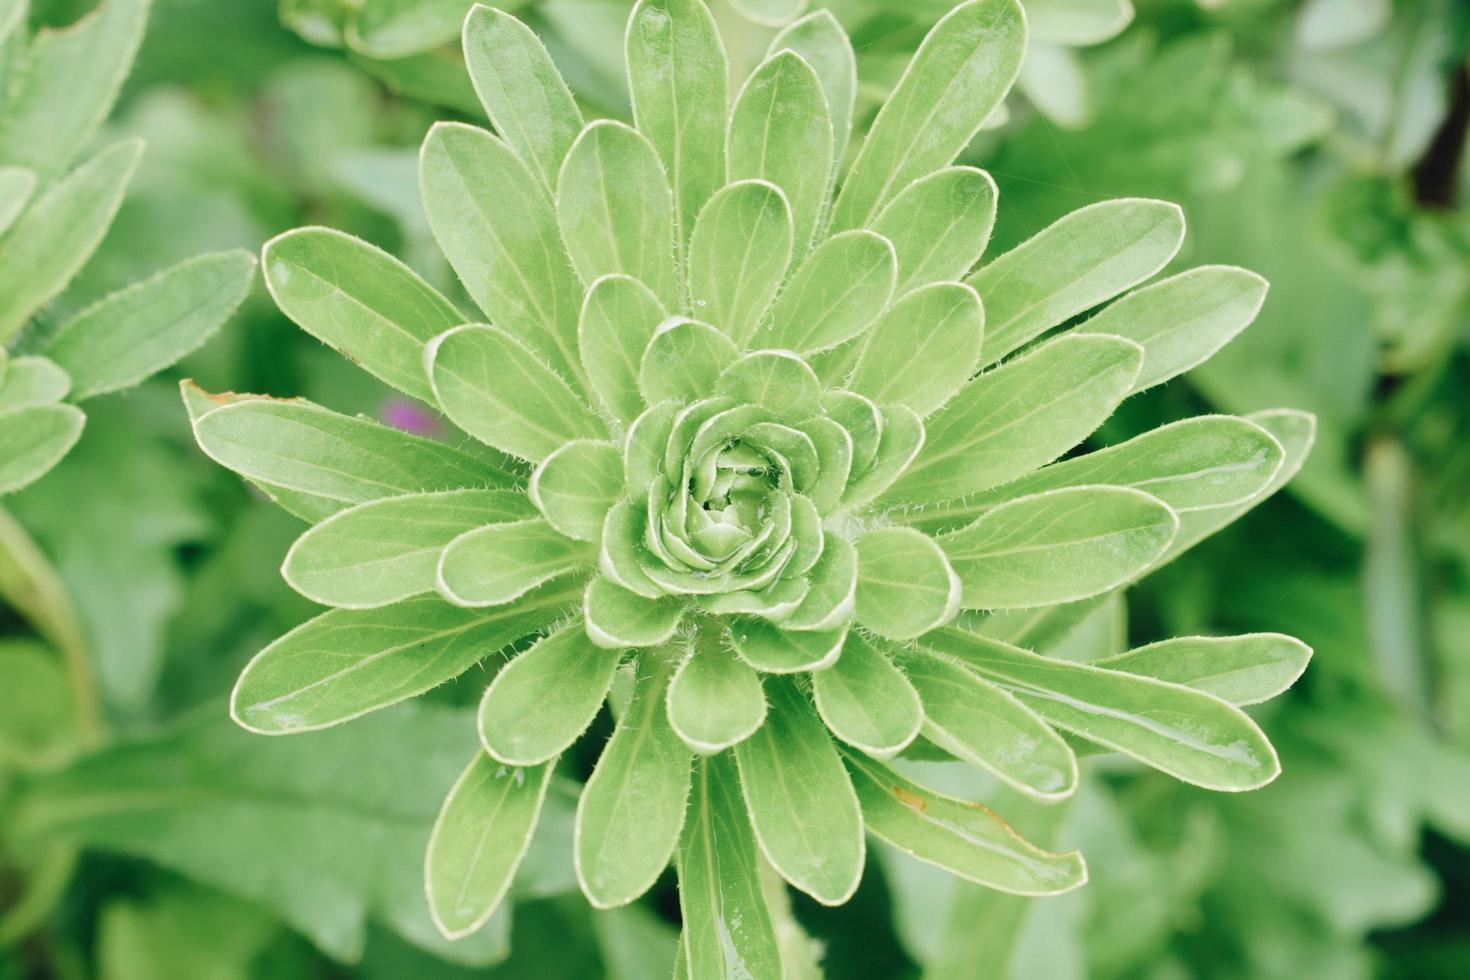 plante verte en croissance photo